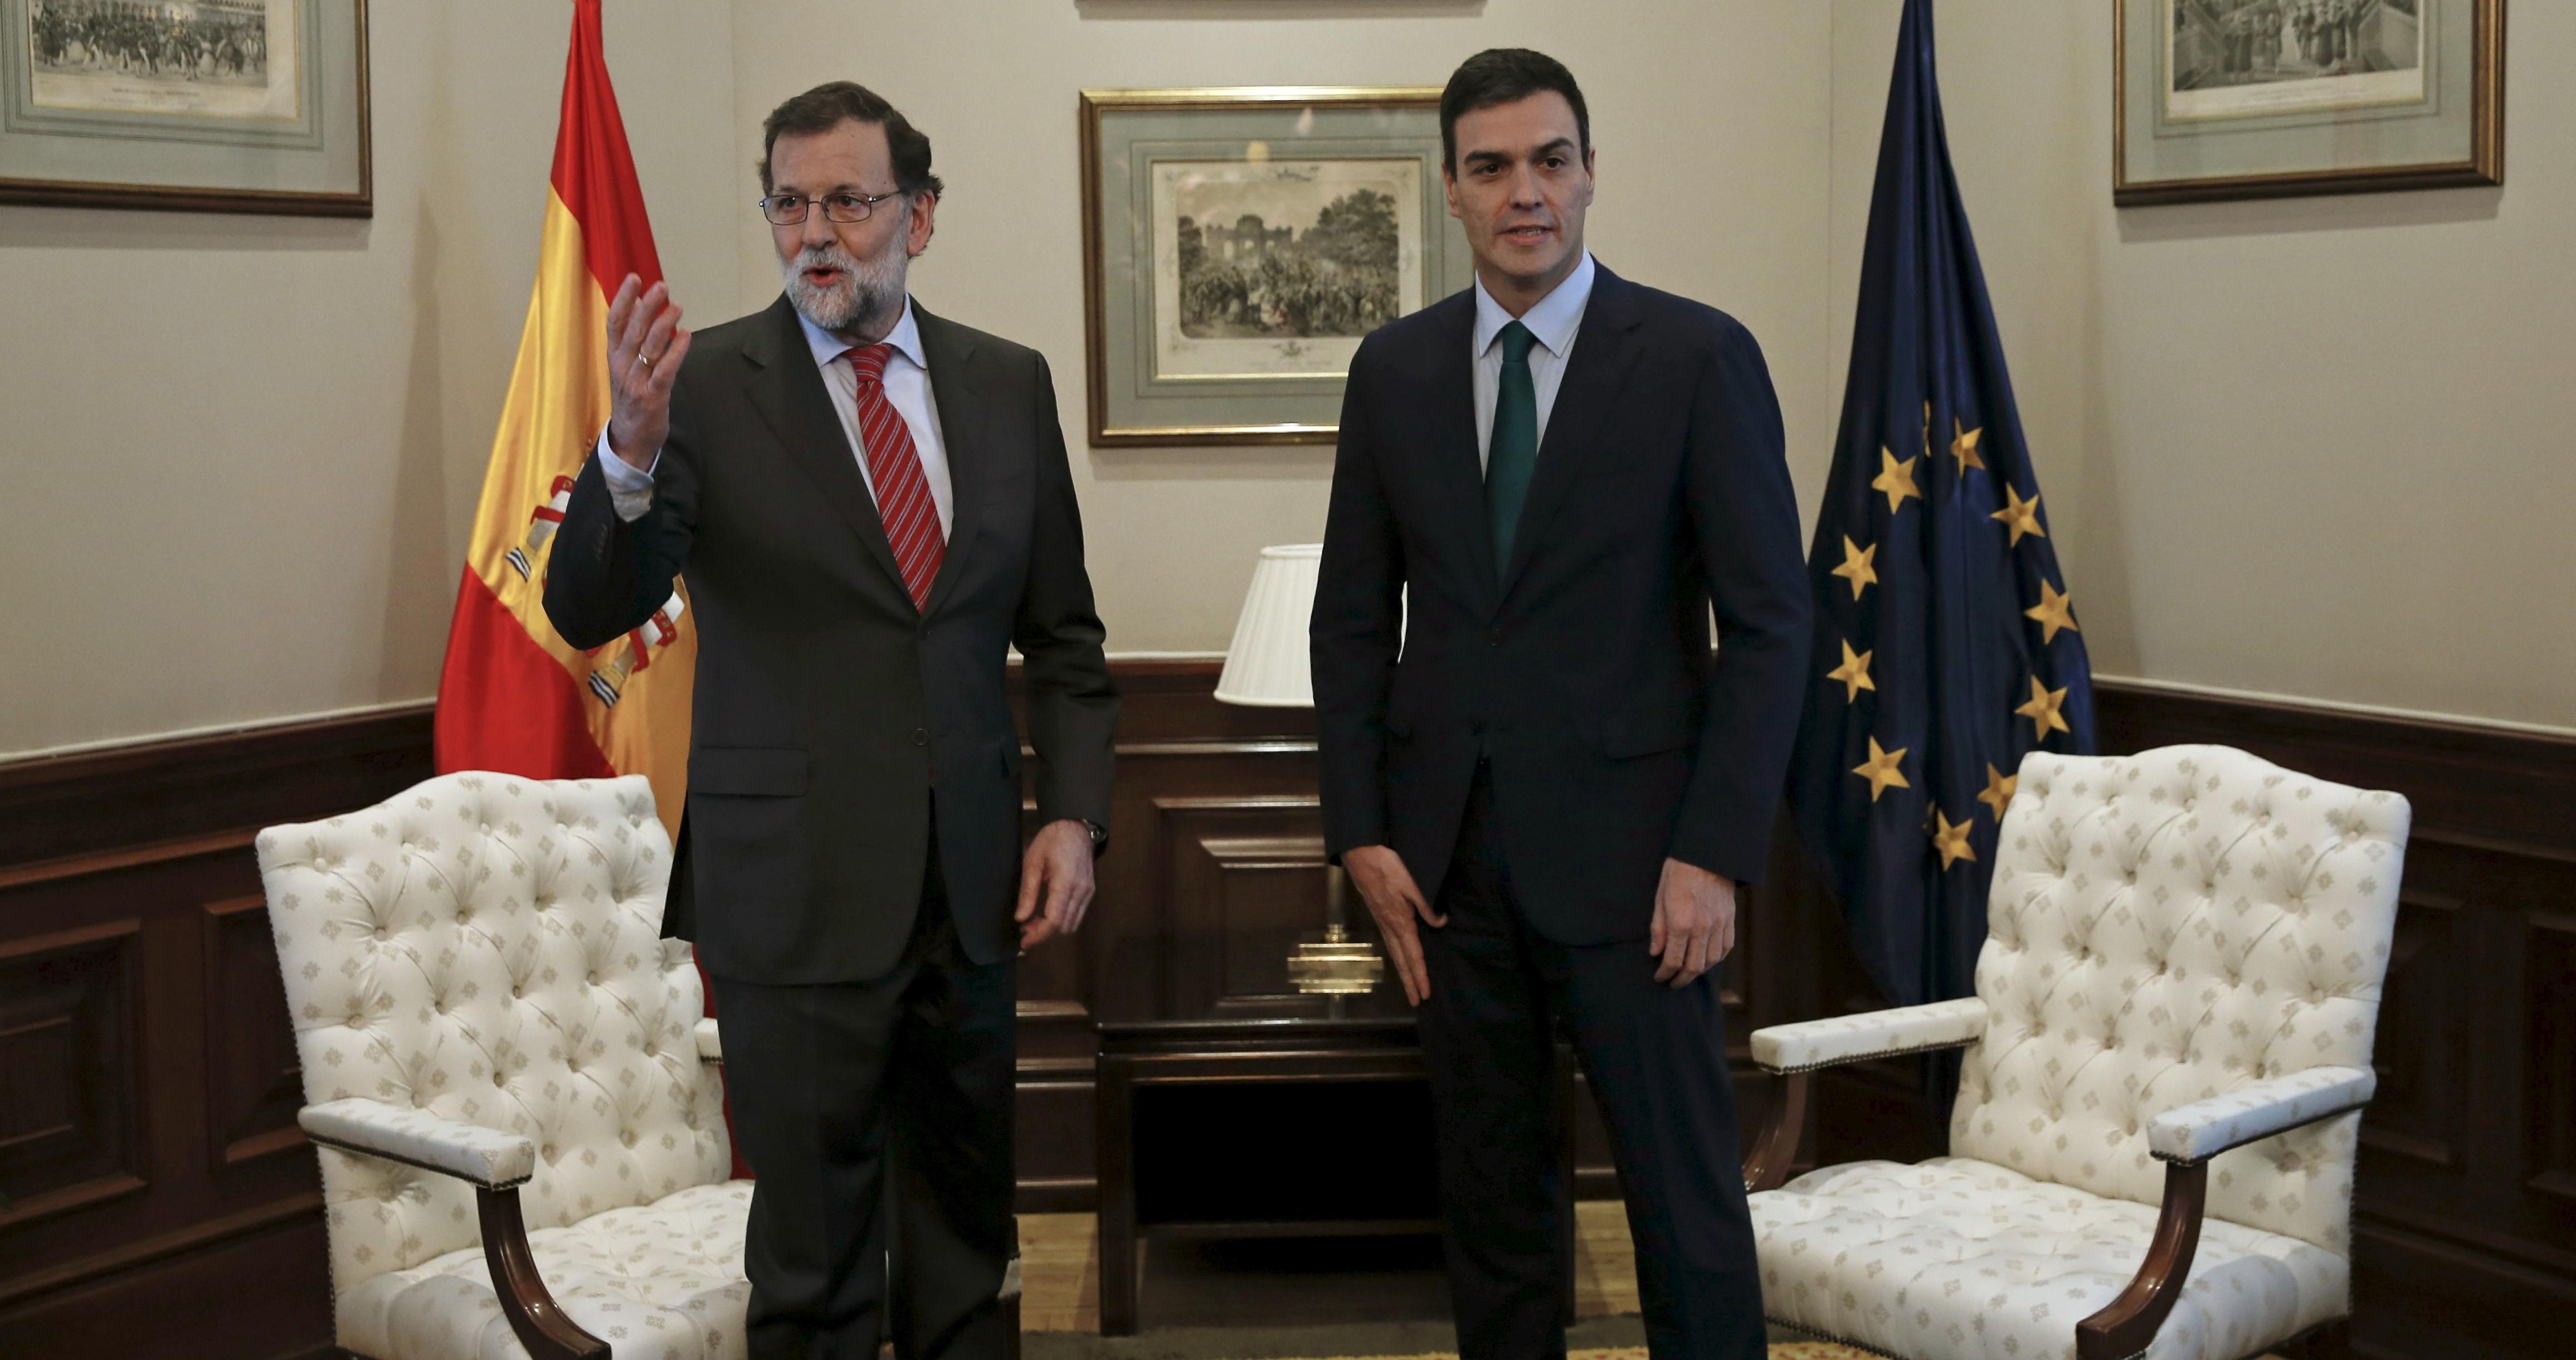 Reunión entre Mariano Rajoy y Pedro Sánchez. FOTO: Reuters